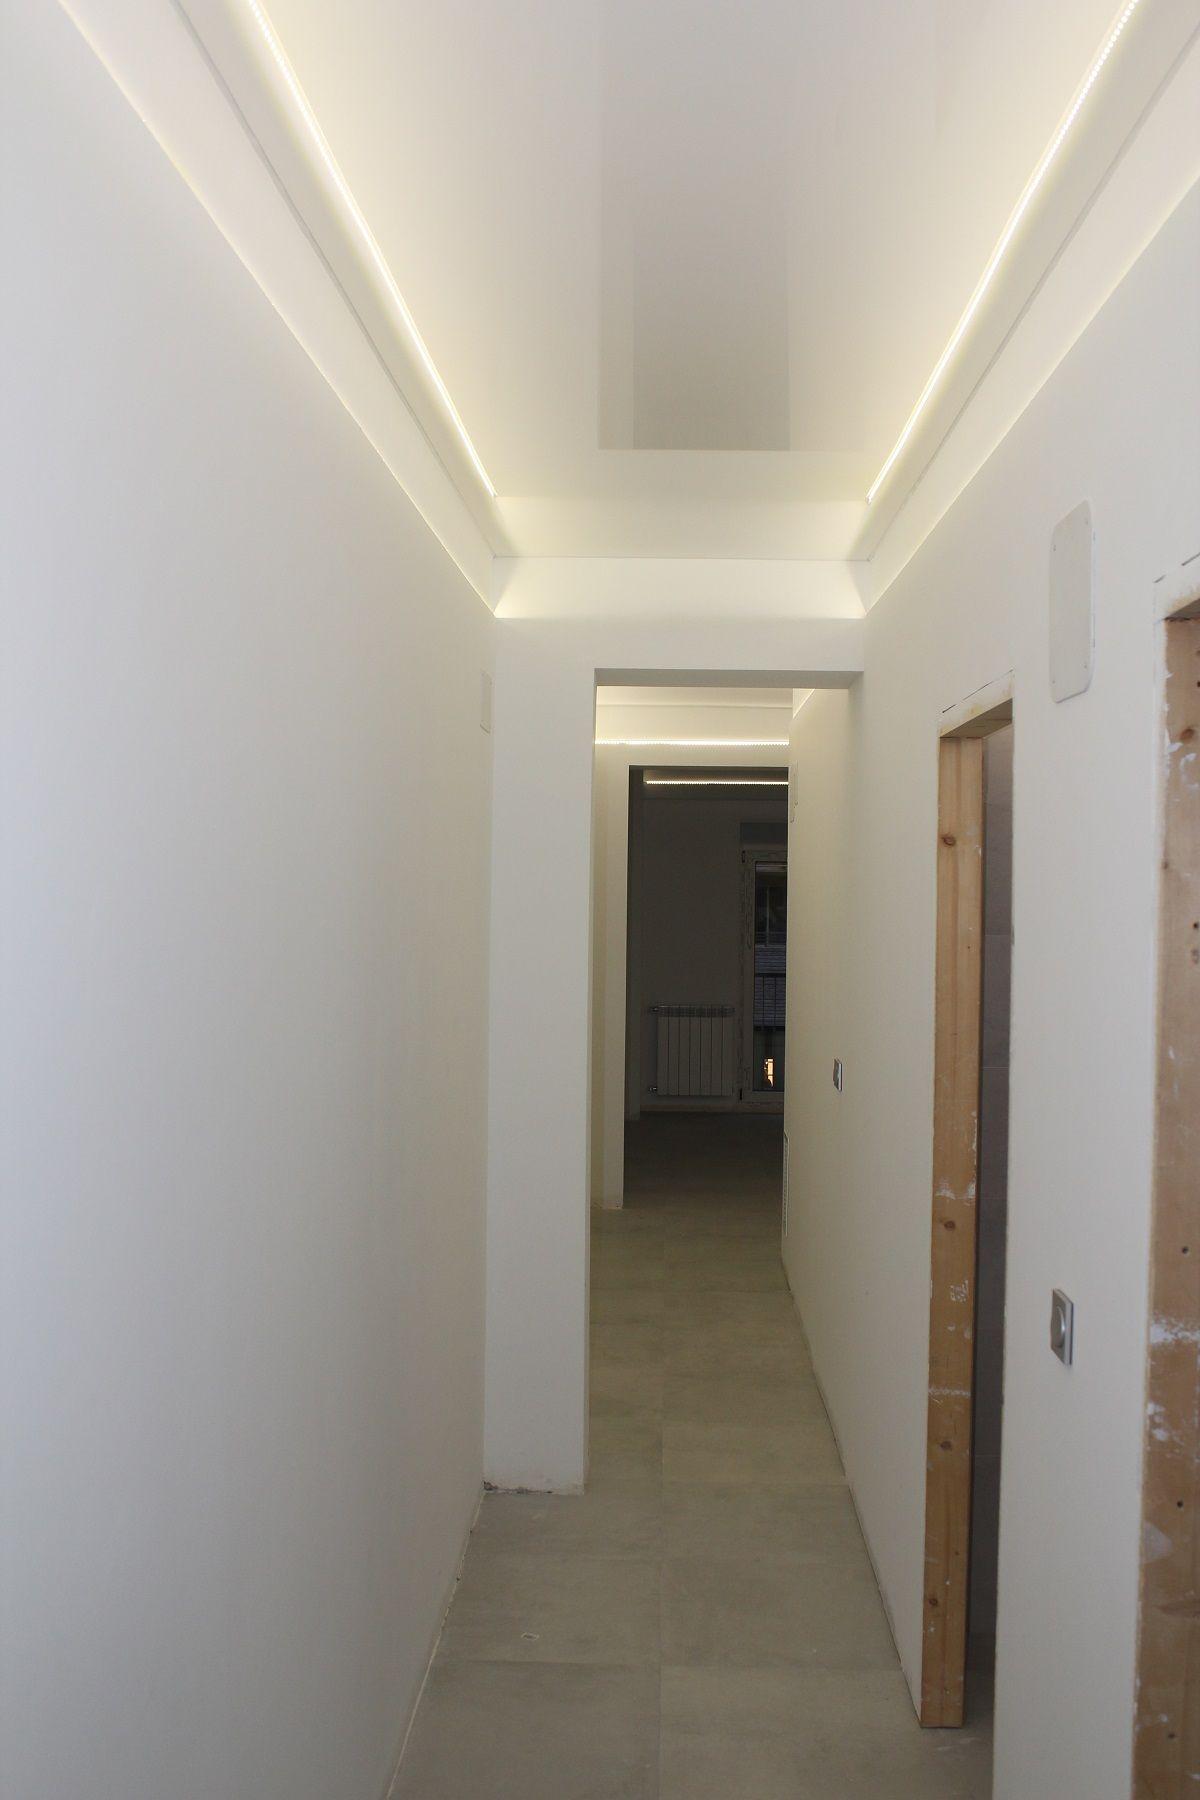 Techos tensados pvc de un pasillo de una casa particular - Lamparas de pasillo de techo ...